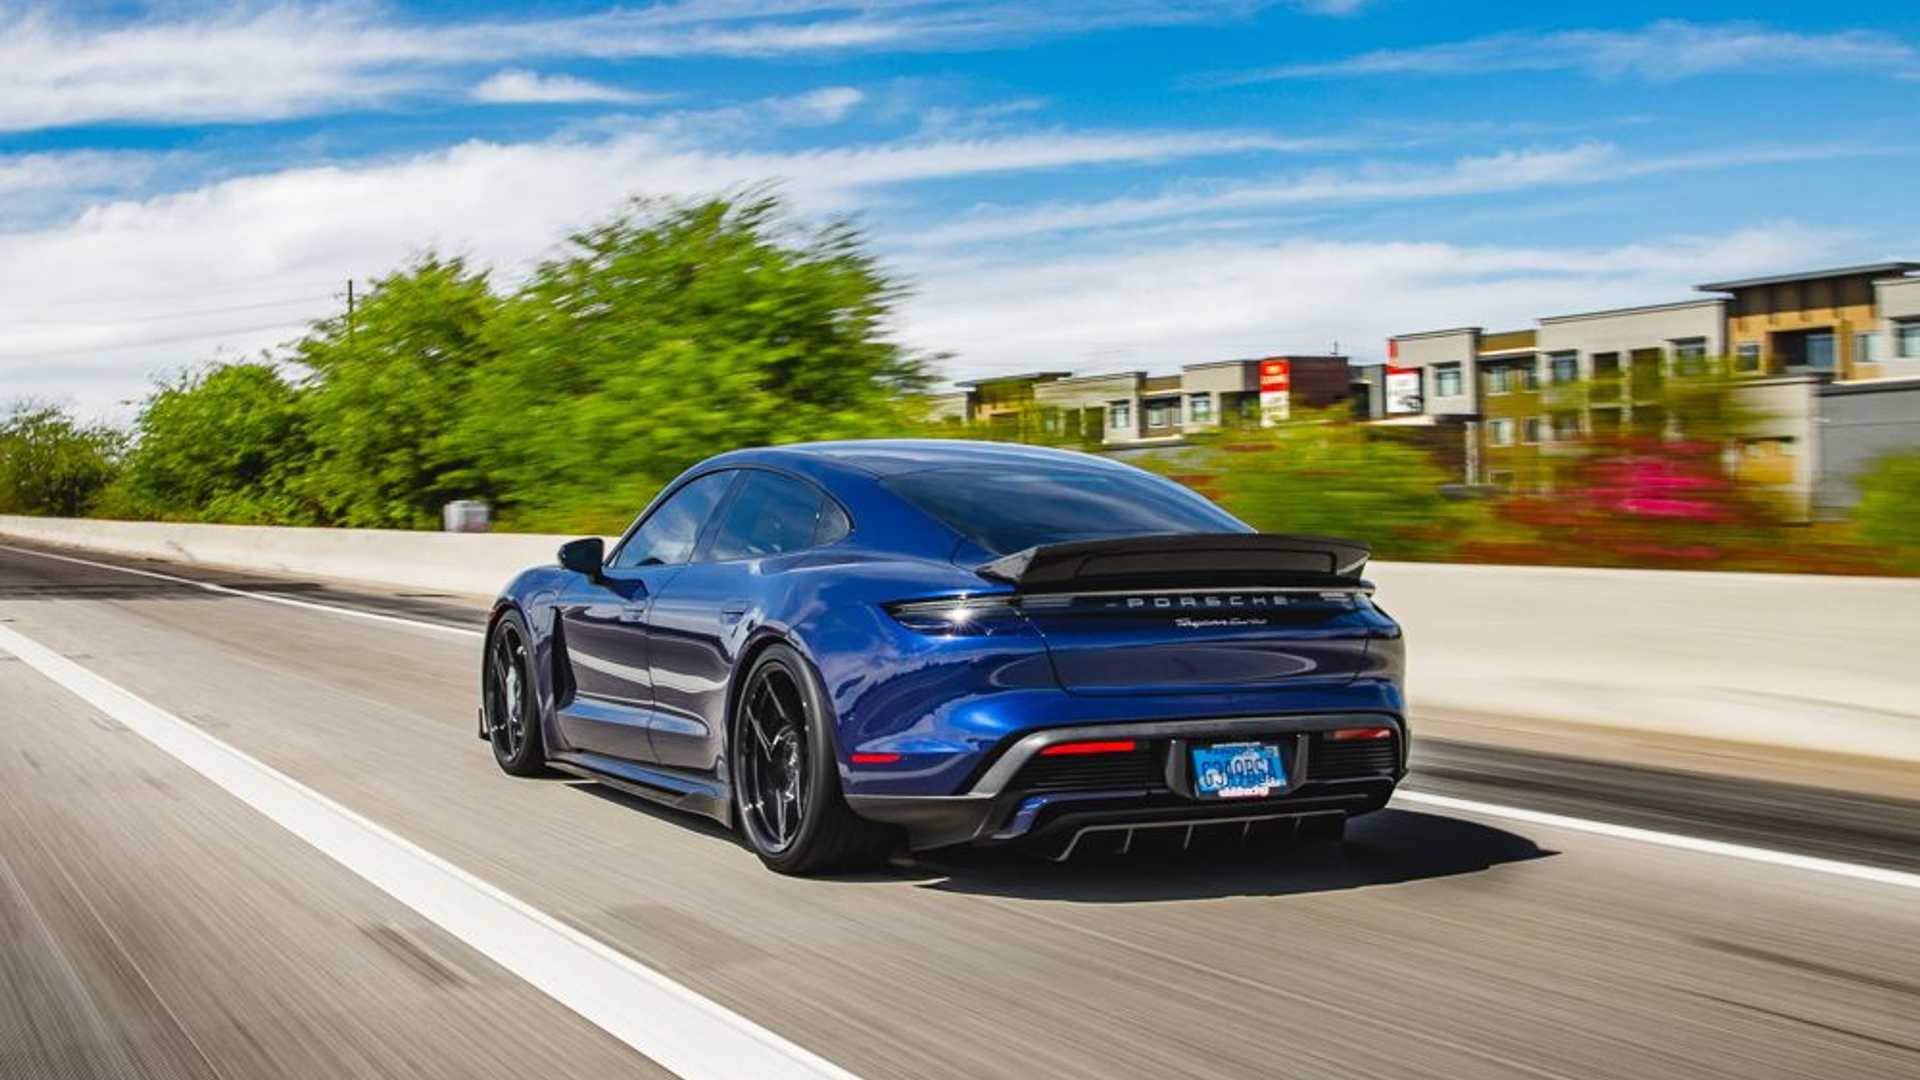 Porsche-Taycan-by-Vivid-Racing-34